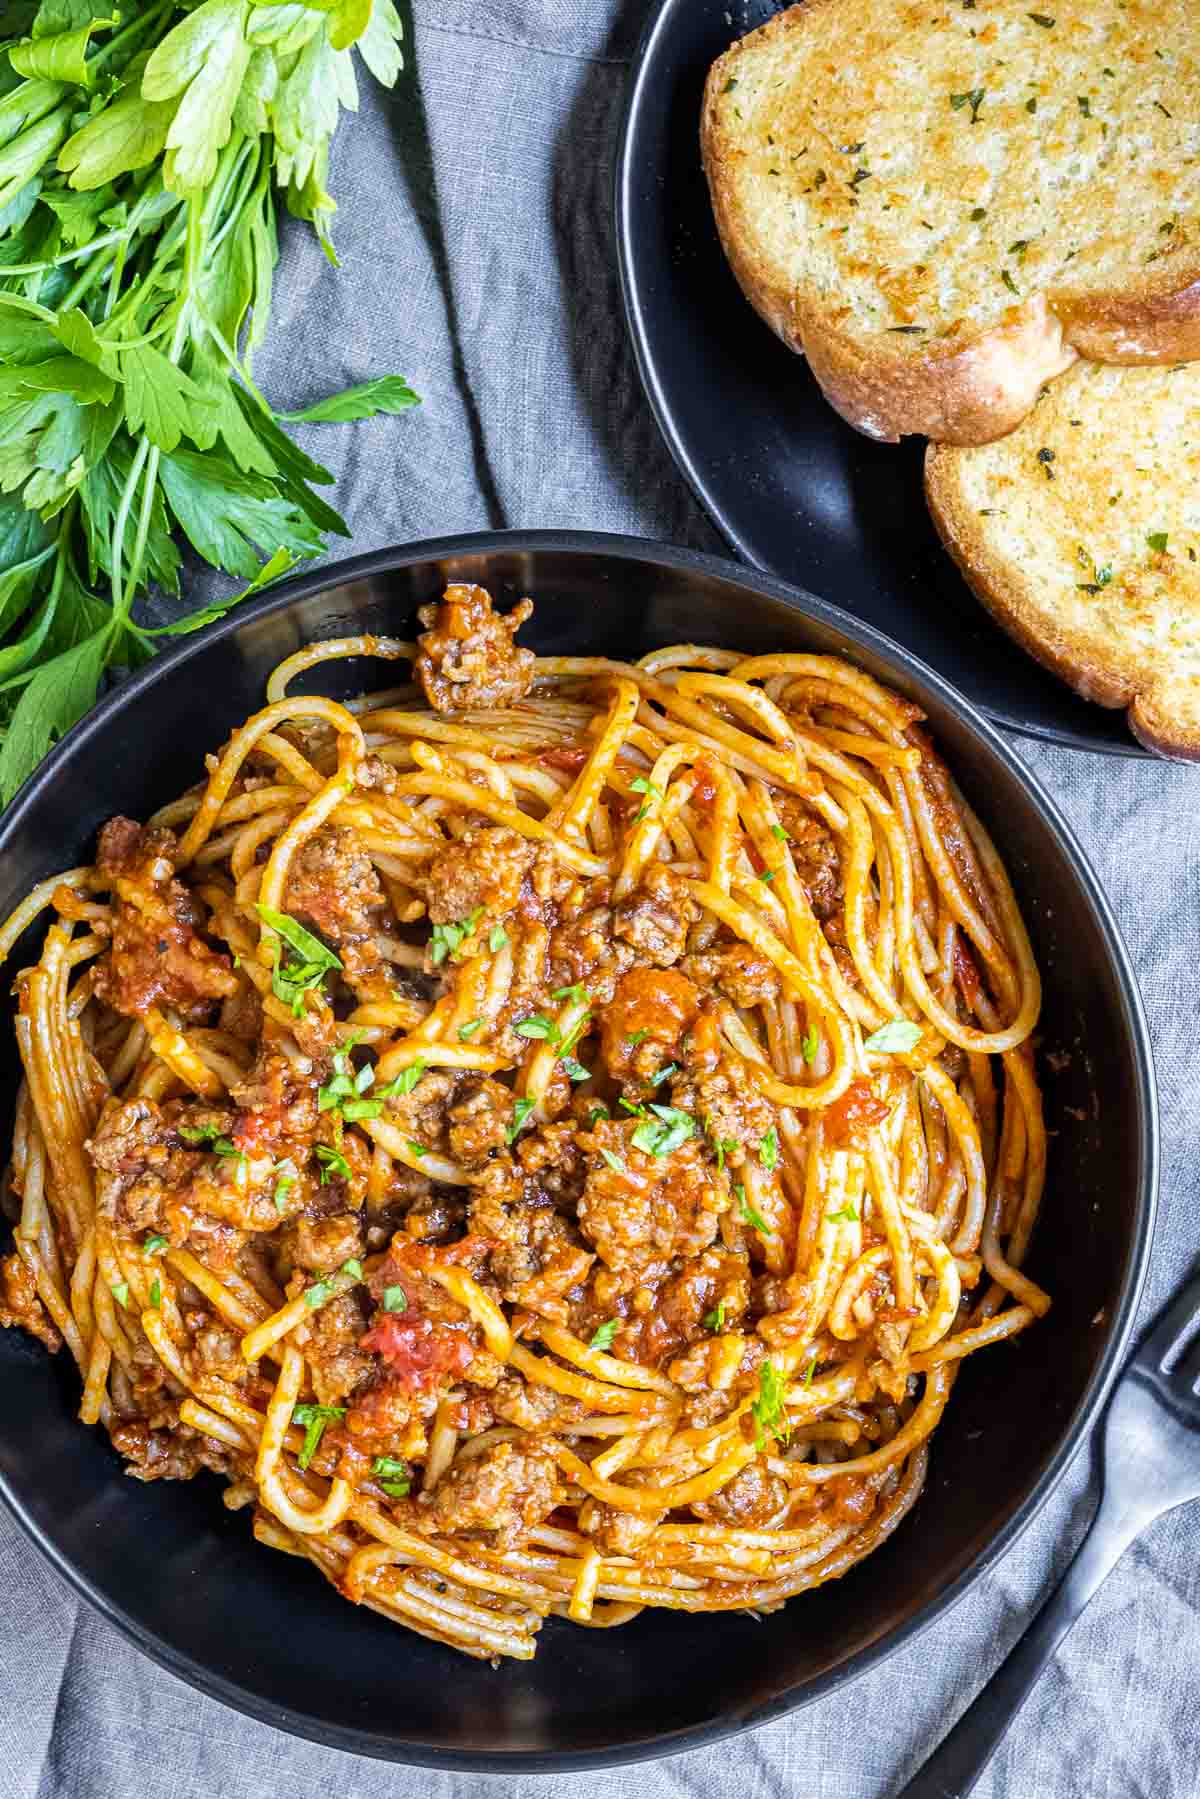 Instant Pot Spaghetti in a black bowl with garlic bread